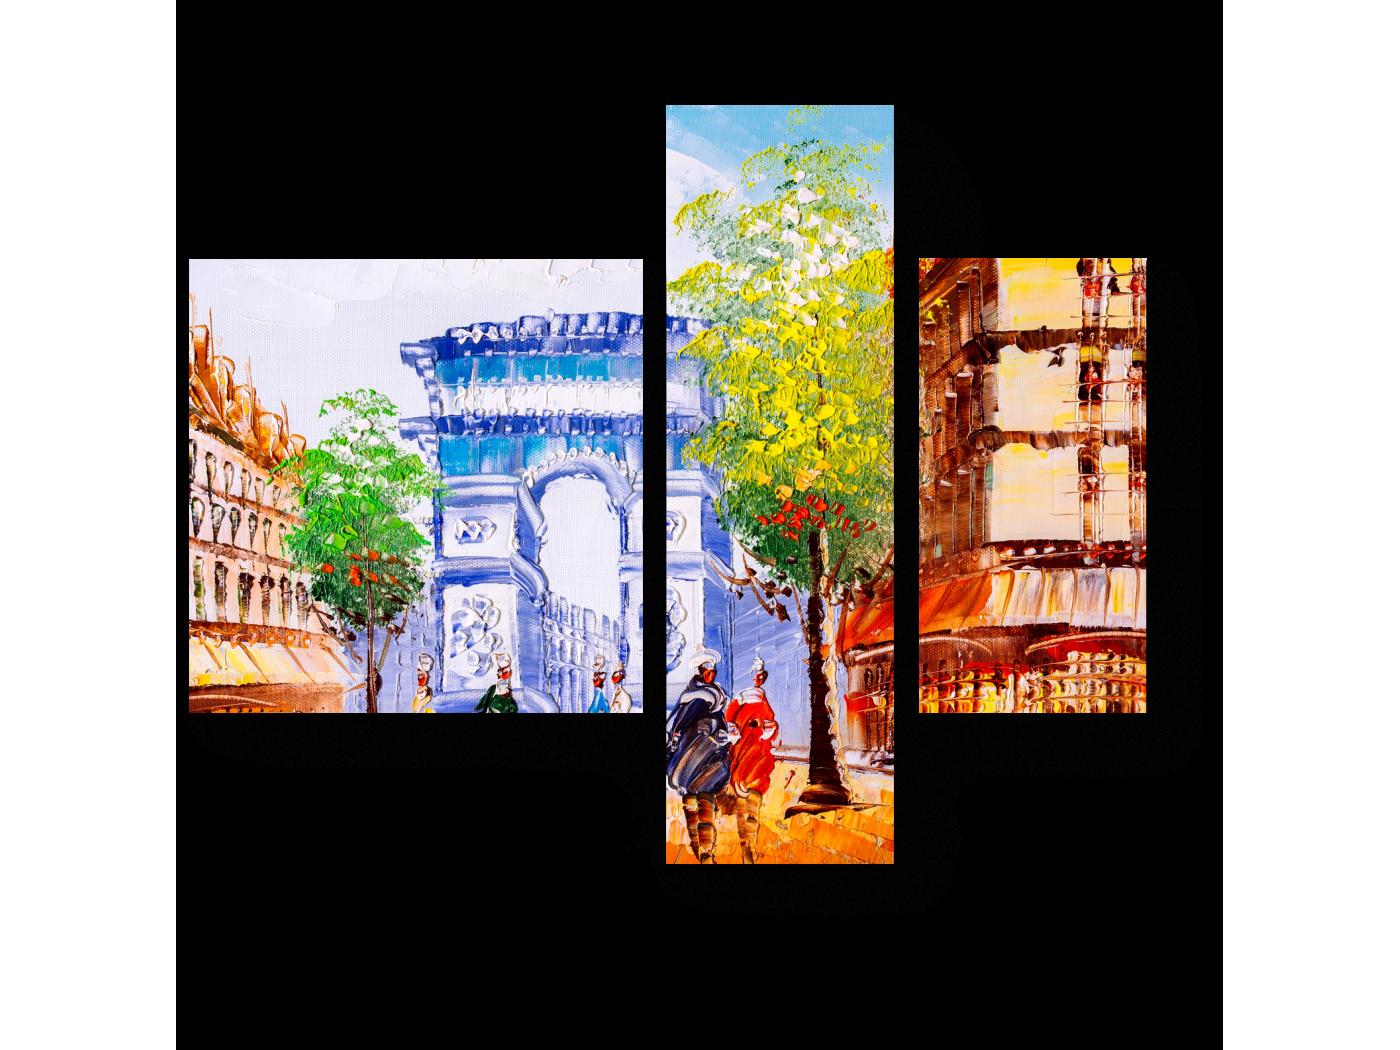 Модульная картина На улочках Парижа (80x66) фото